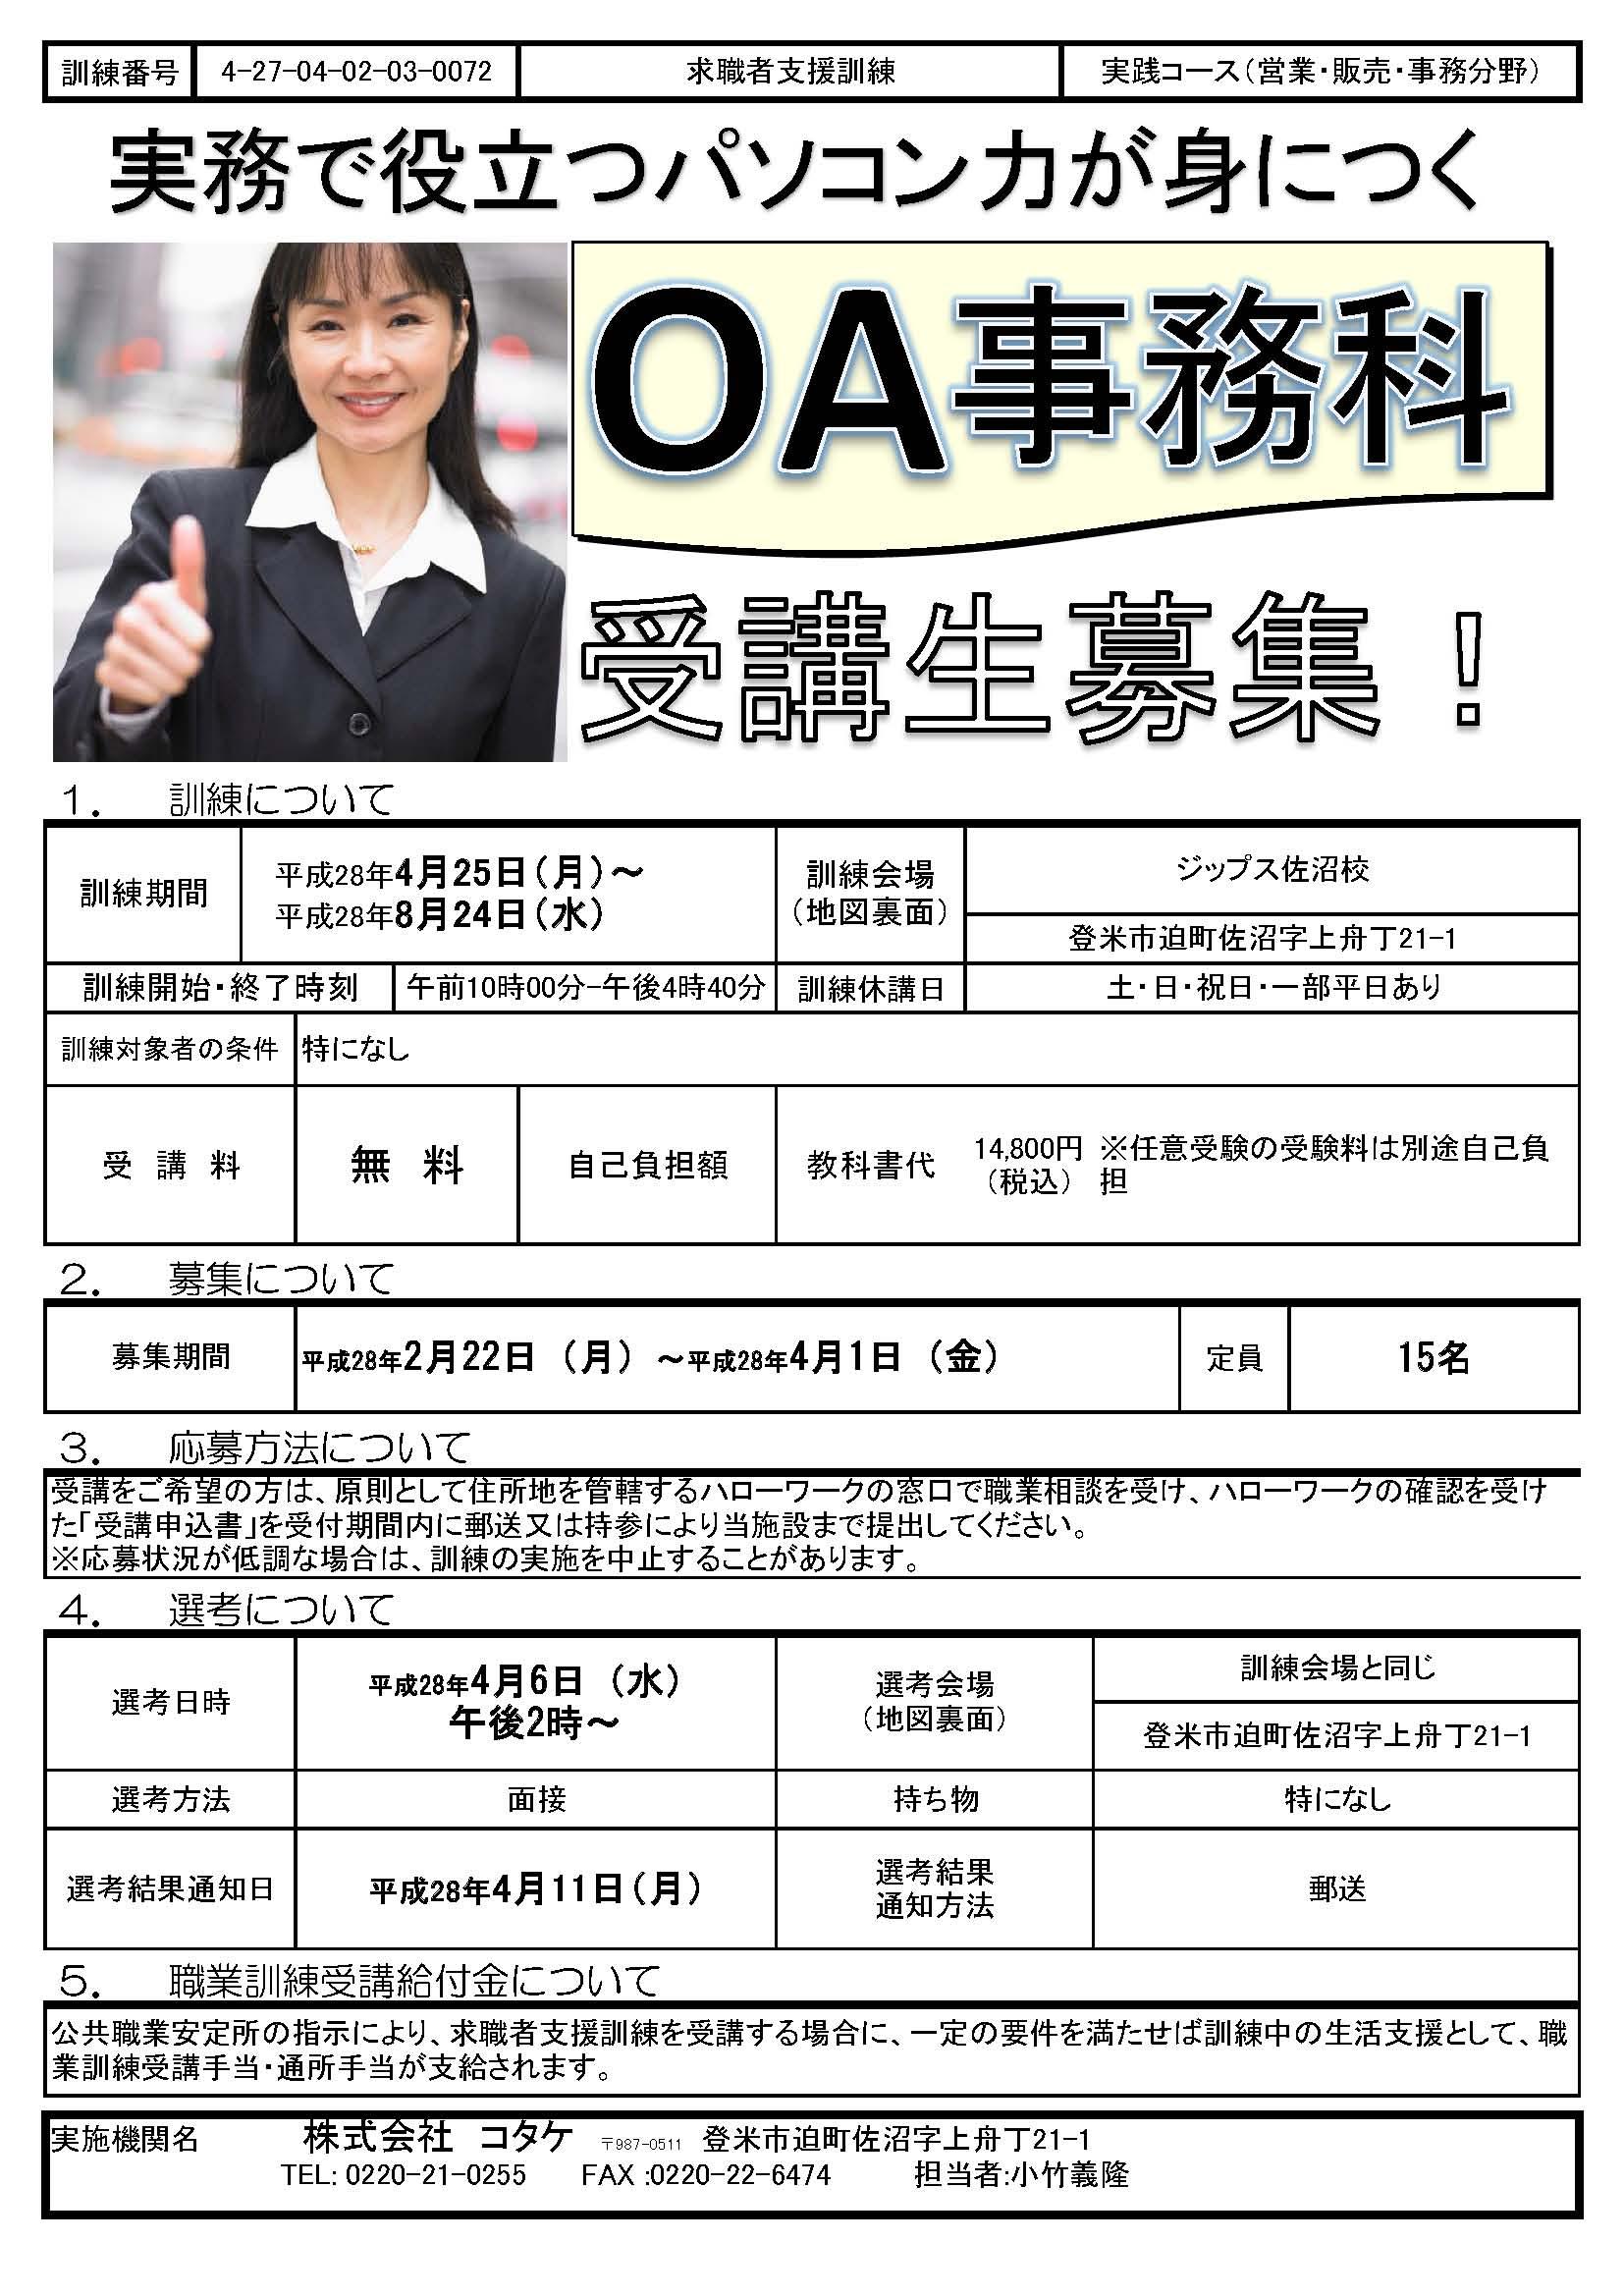 求職者支援訓練「OA事務科」登米市迫町パソコン実務を学べる、パソコン教室。平成28年4月